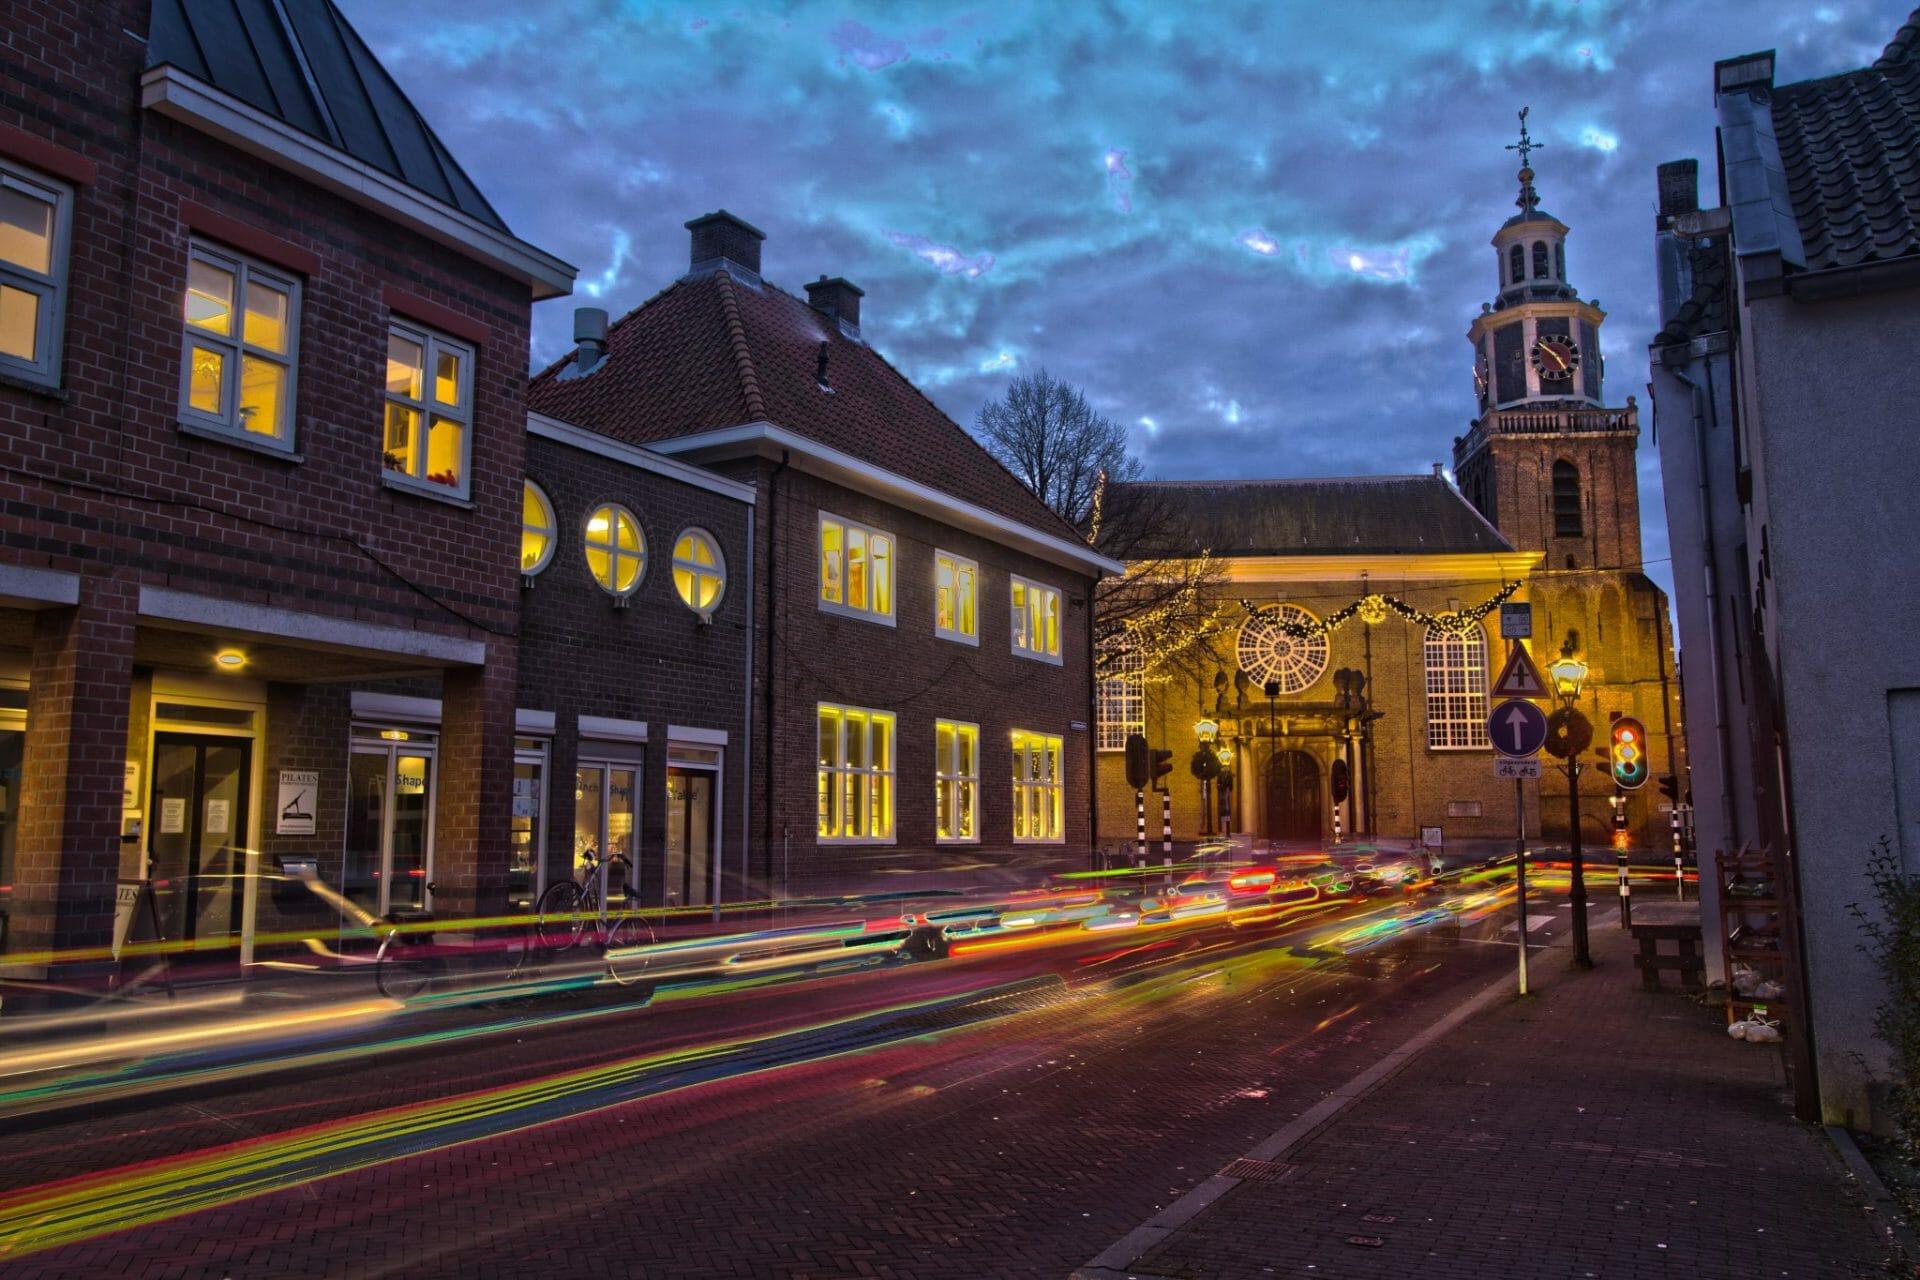 Pilates Studio van Sonsbeek. Leidsewallen 3A Zoetermeer